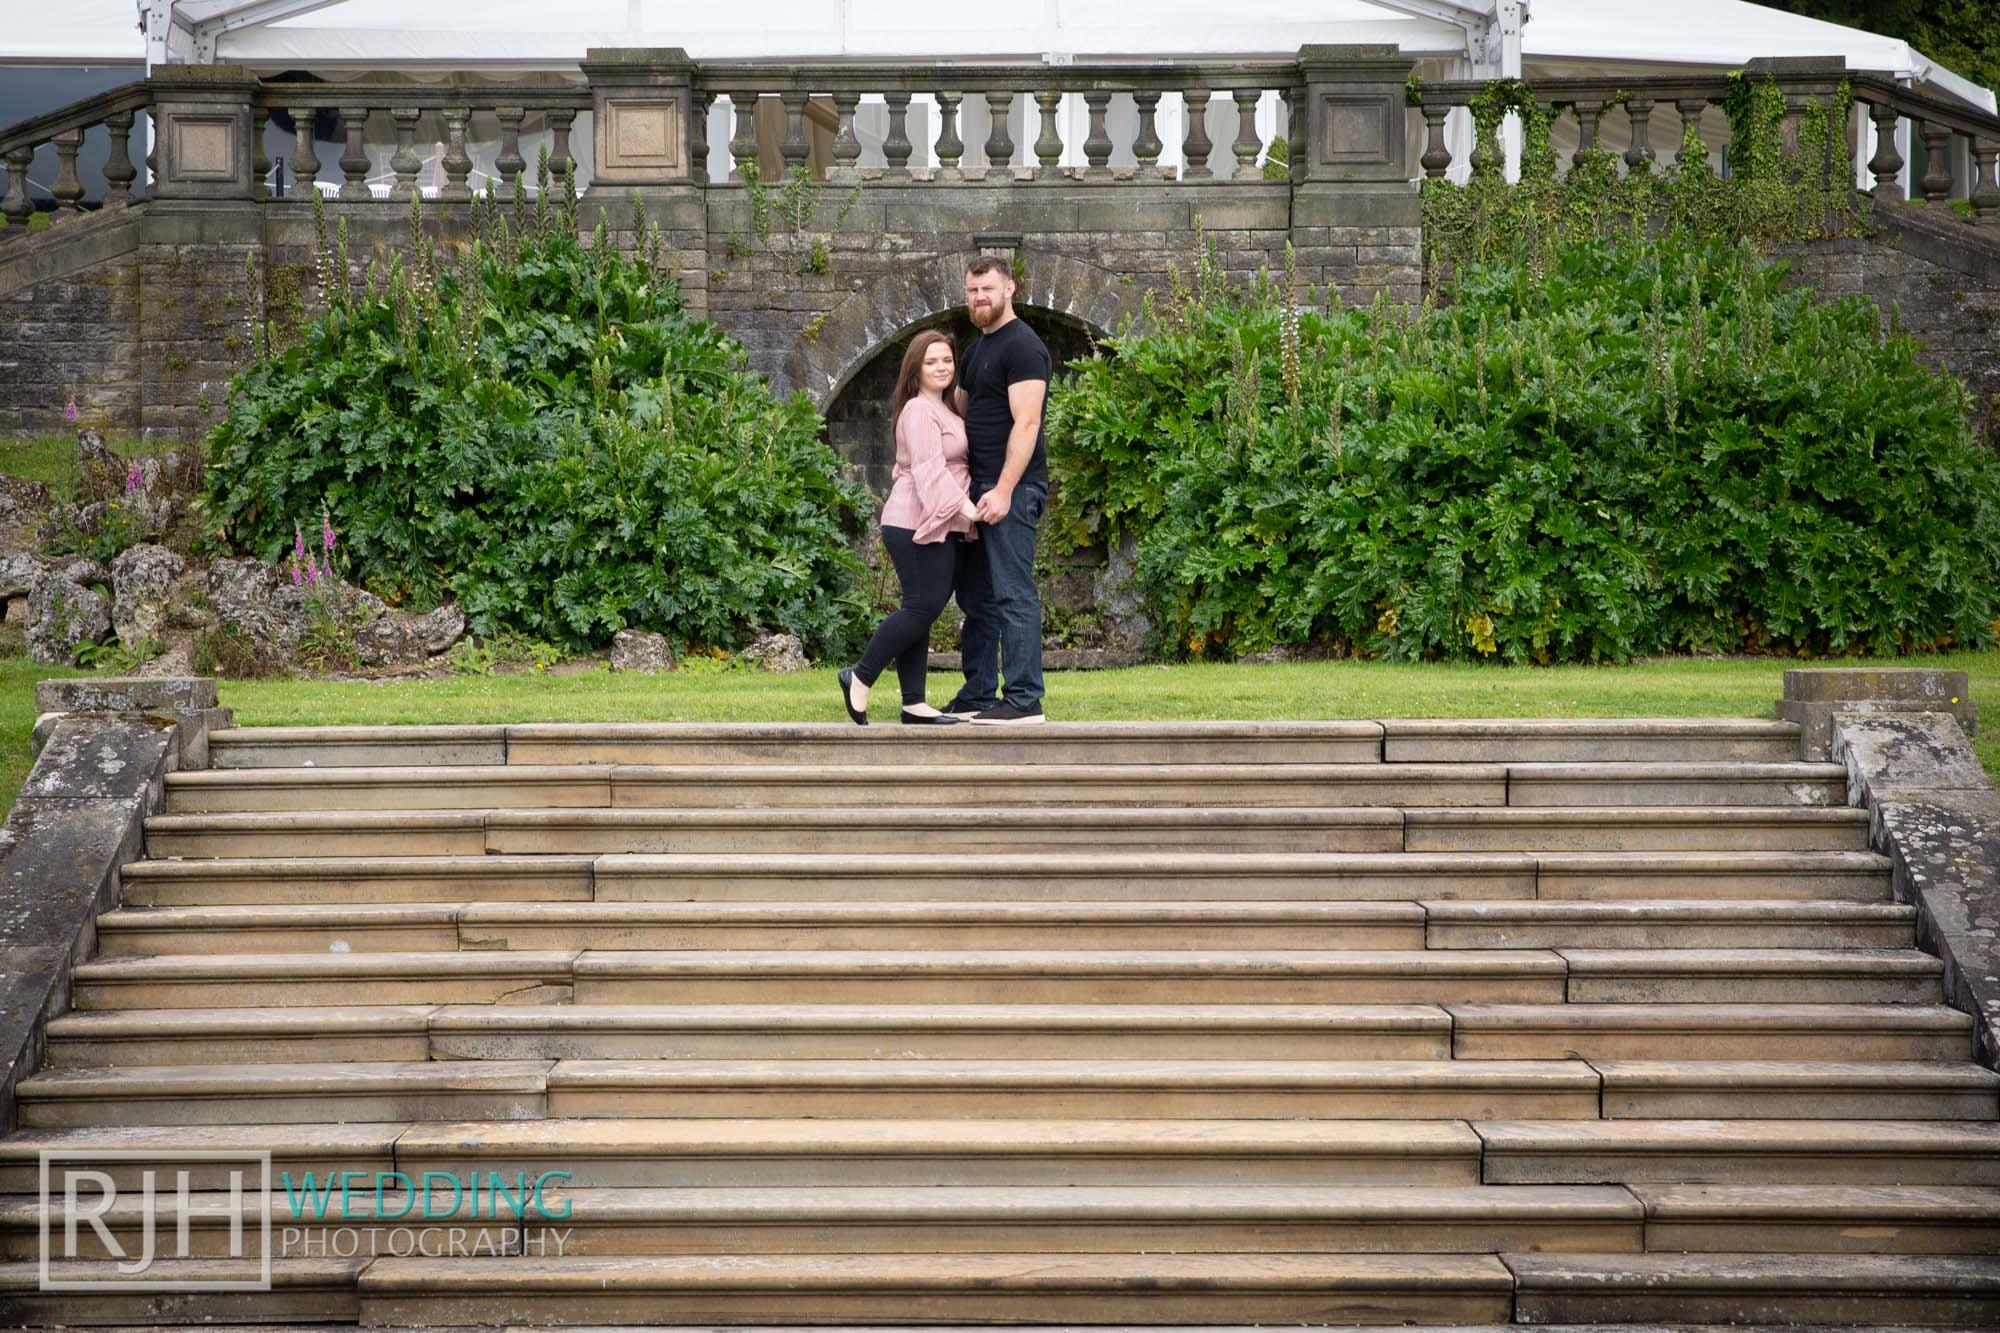 Osmaston Park Wedding Photographer - Jodie & Oli_028_RJH19077.jpg